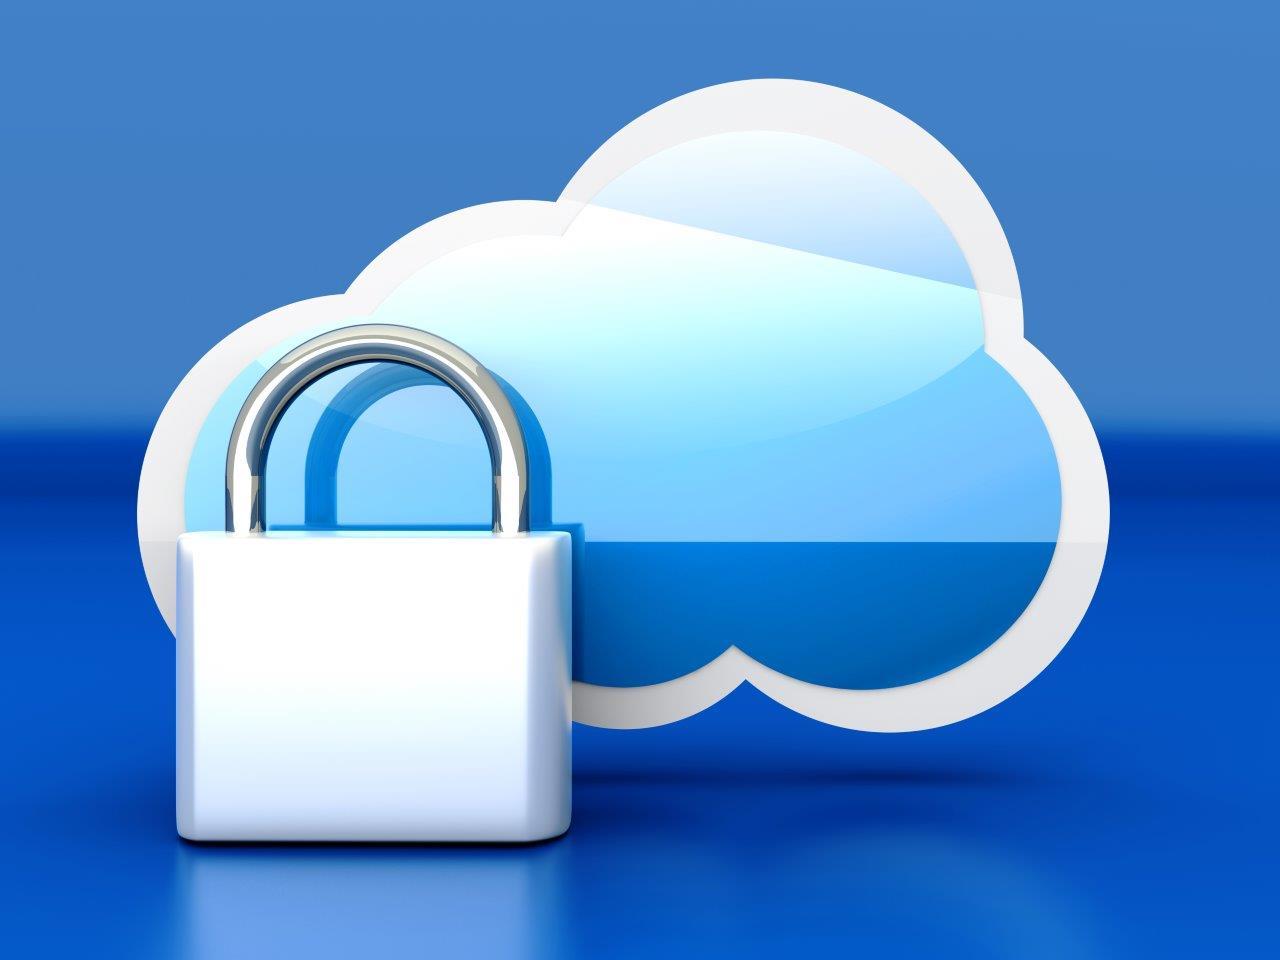 Un nuevo test de vulnerabilidades identifica los puntos débiles de las empresas para evitar ciberataques